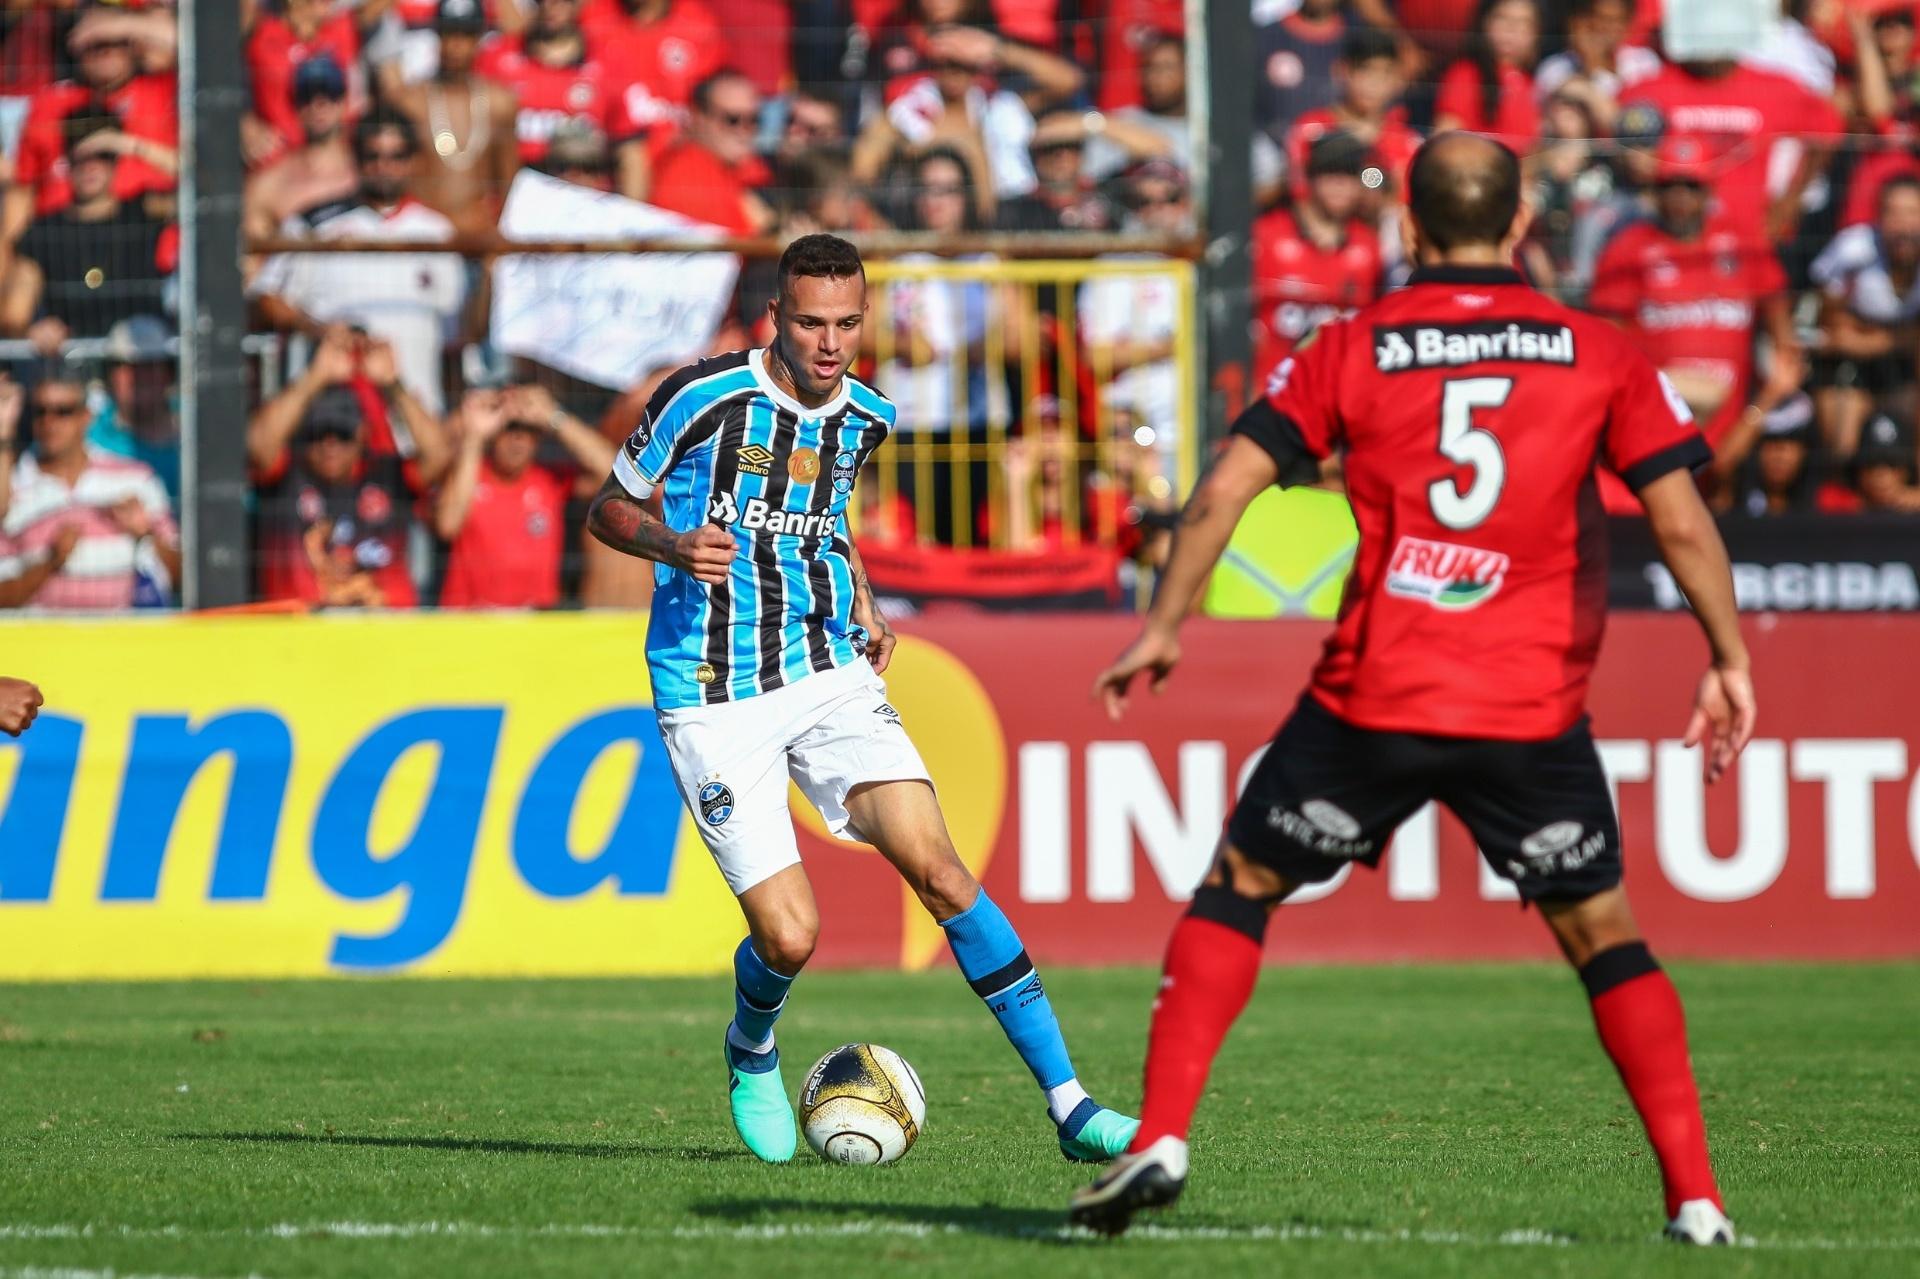 Grêmio aposta em elenco campeão para levar título do Brasileiro -  13 04 2018 - UOL Esporte 3205b38354d25